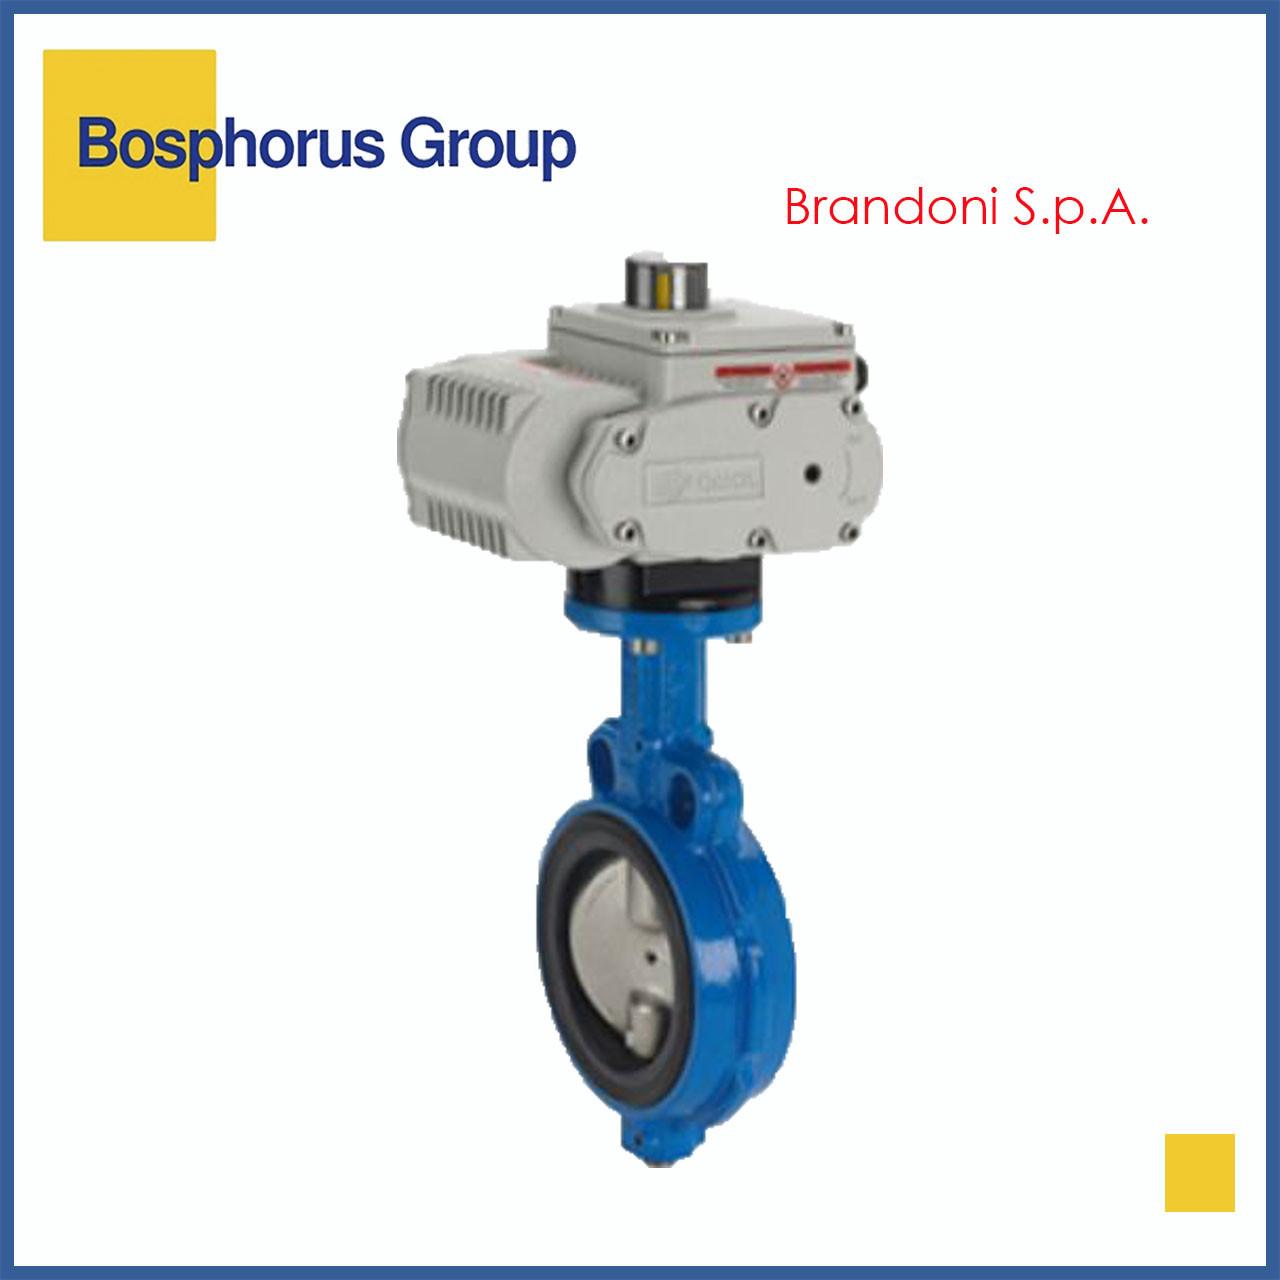 Затвор дисковый межфланцевый с эл/приводом, Ду150 Ру16 Brandoni (вода, +120)